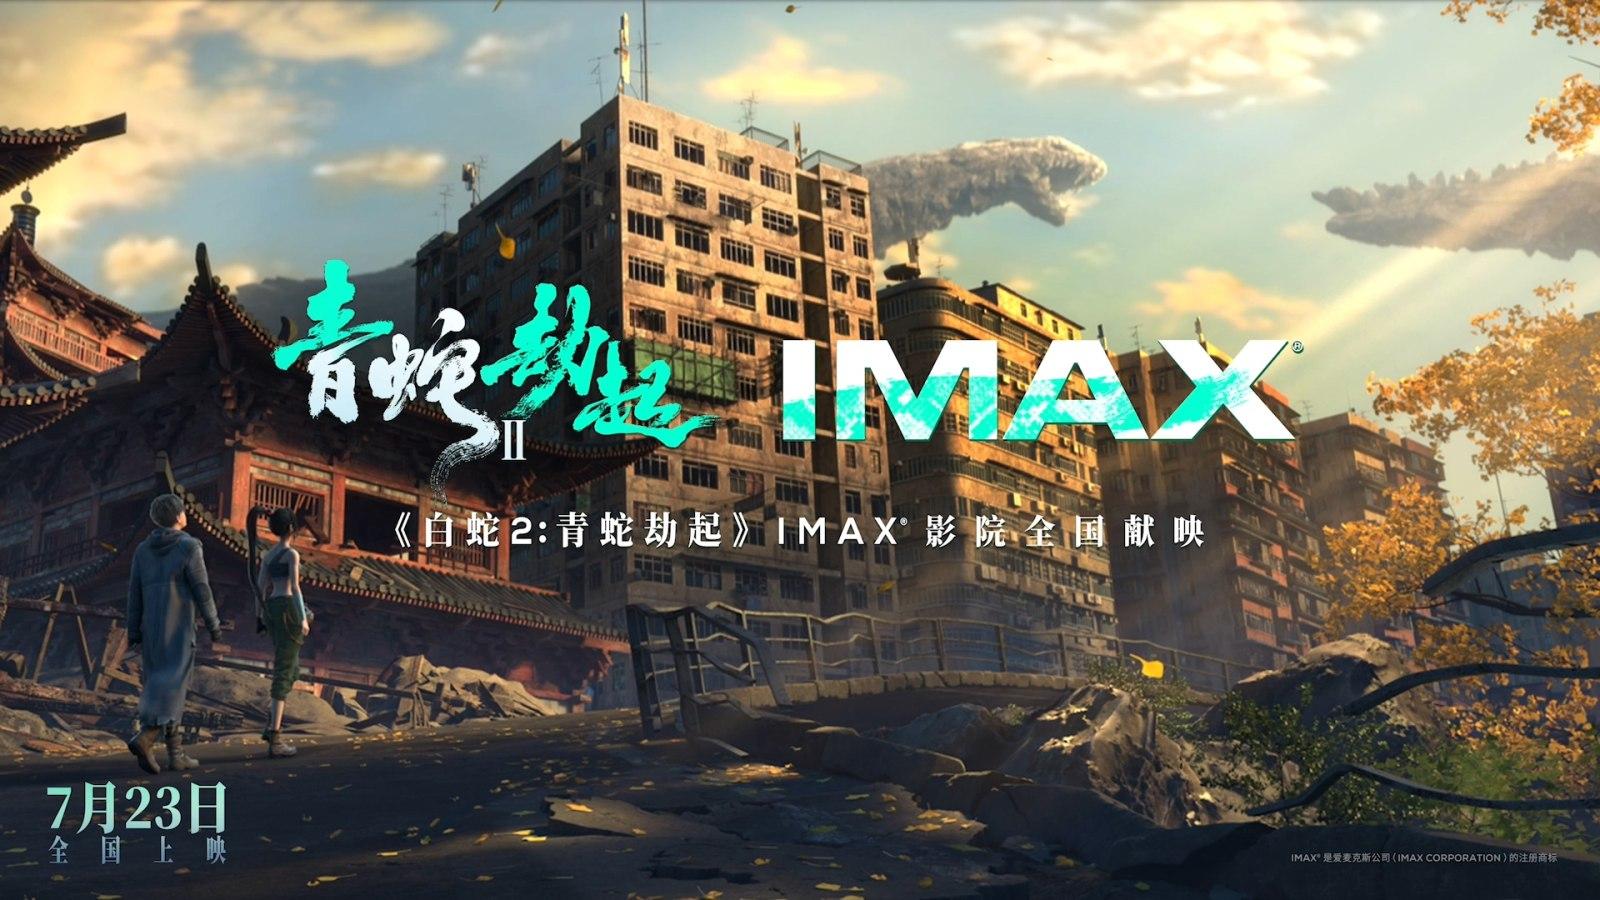 【抽奖】动画电影《白蛇2:青蛇劫起》将于7月23日暑期档登陆全国IMAX影院